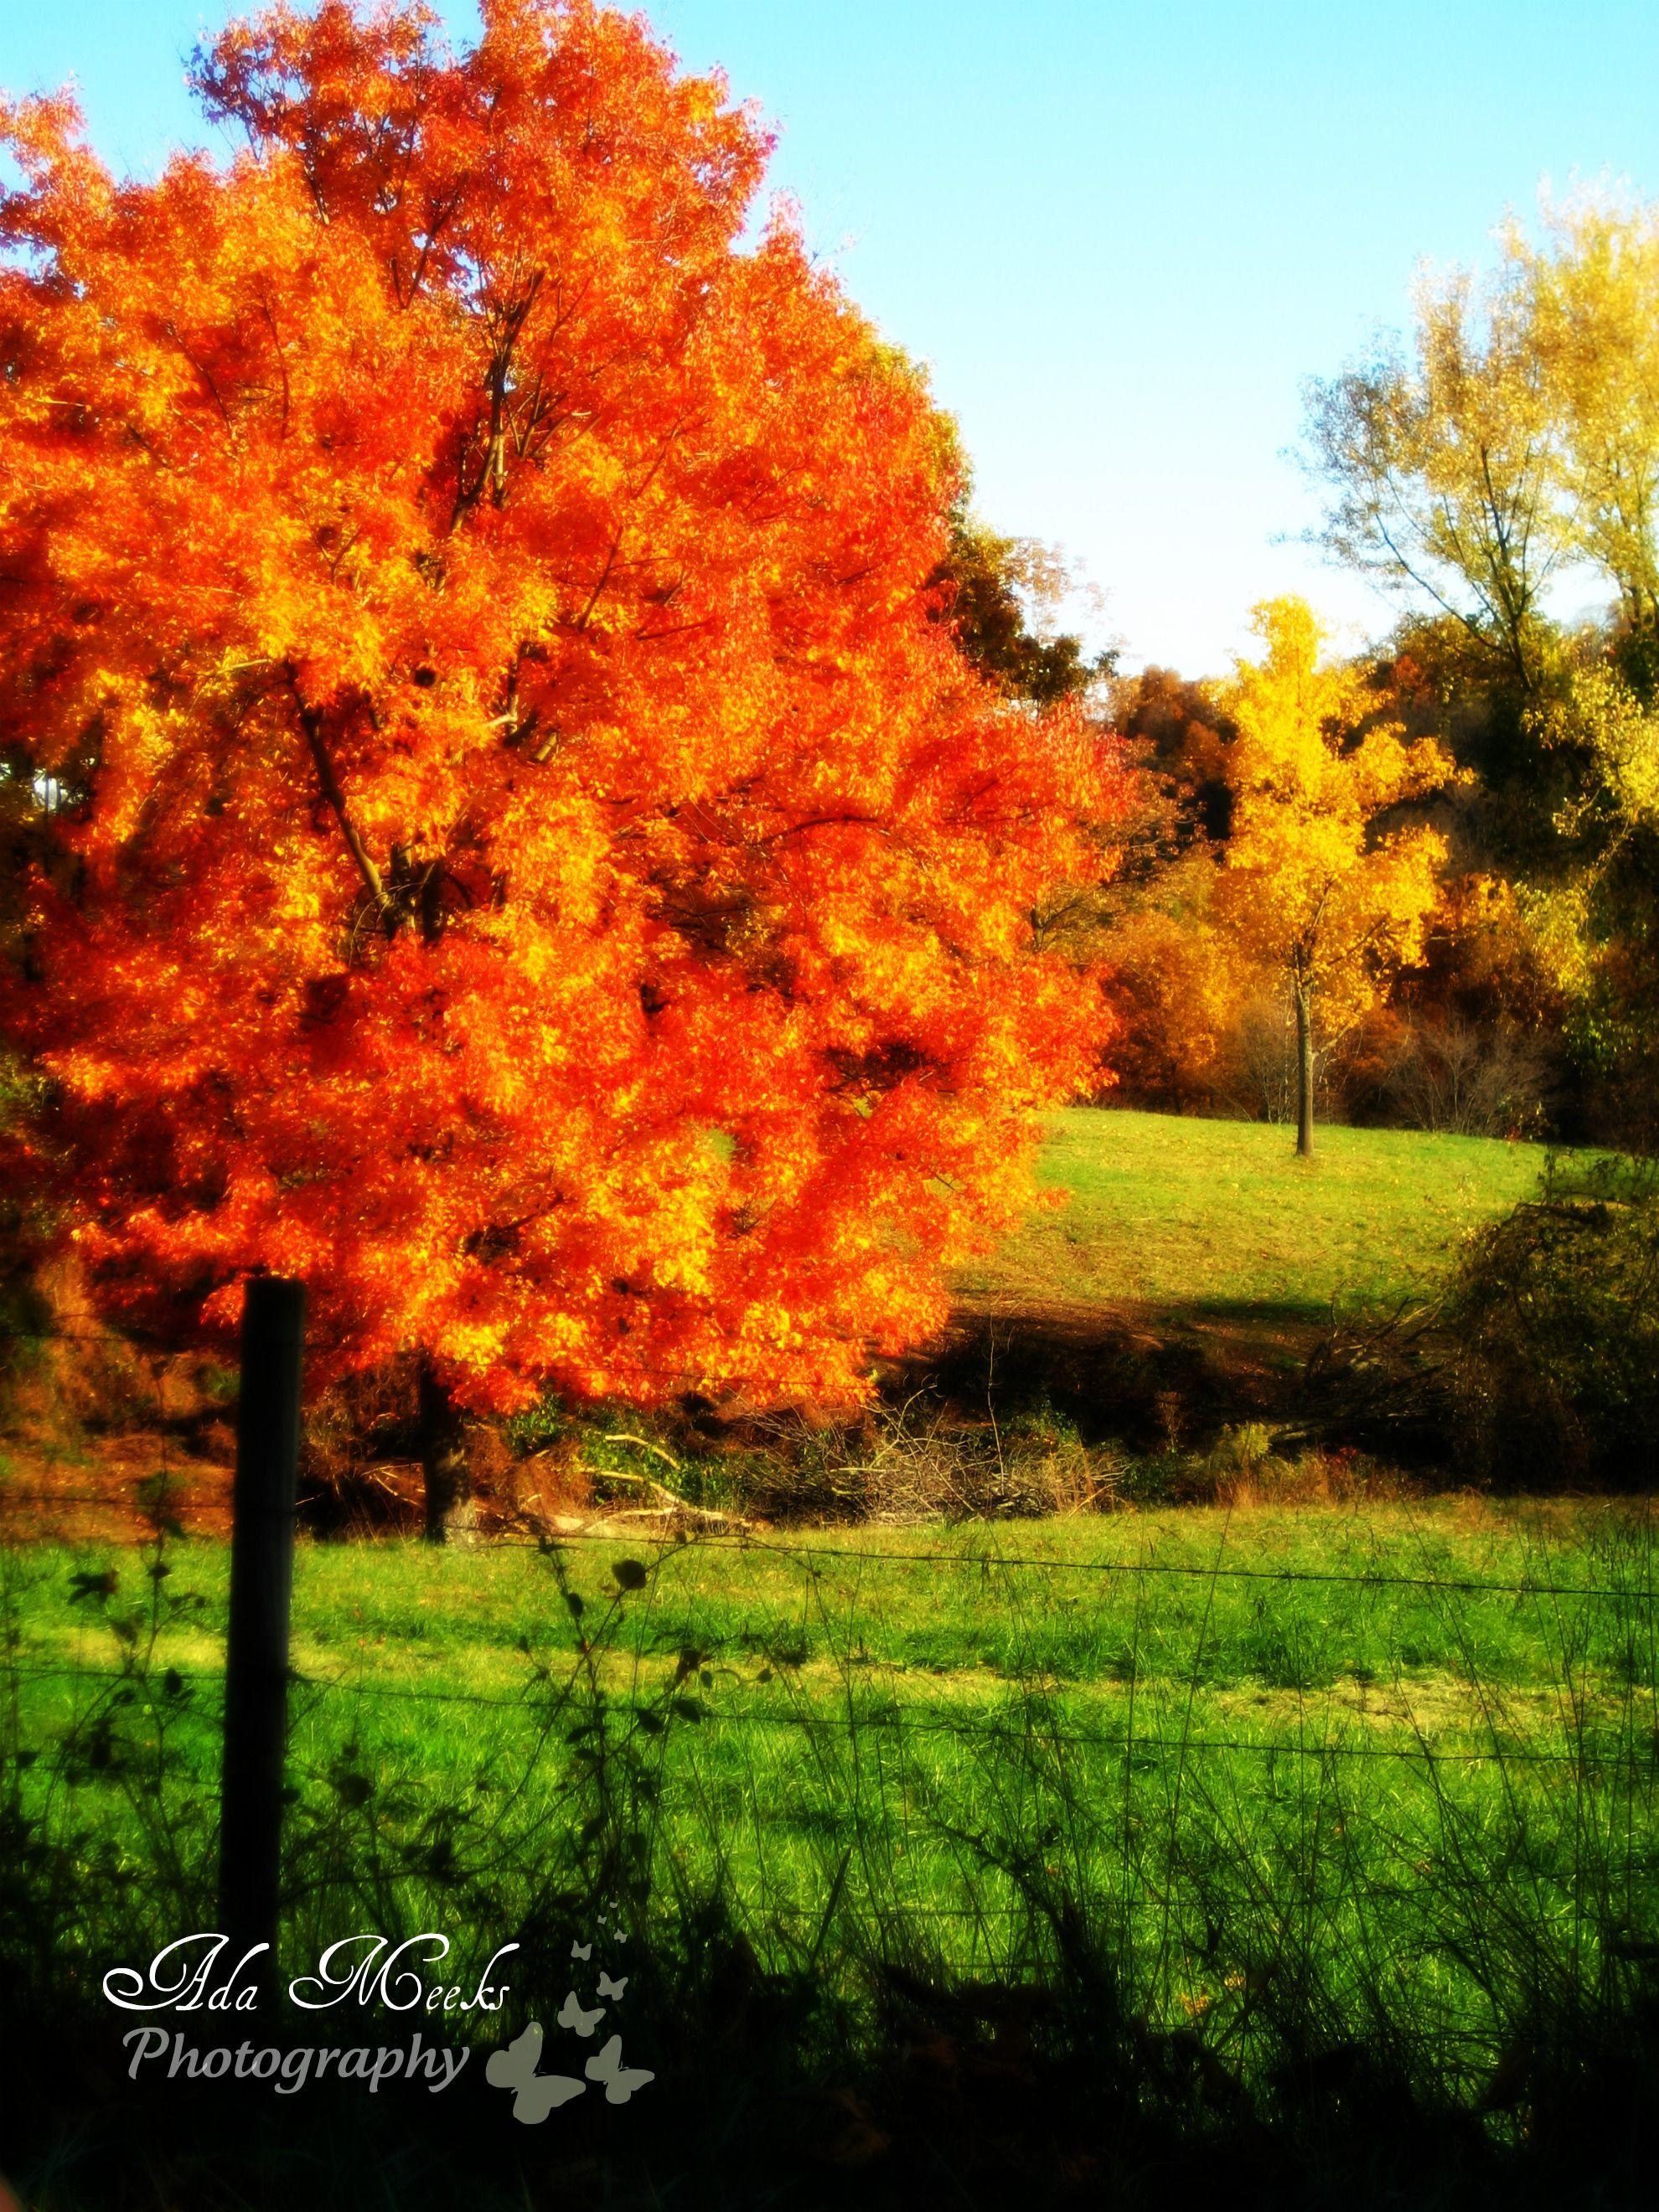 Orange Autumn Tree In West Virginia Autumn Trees Scenic Photos Scenic